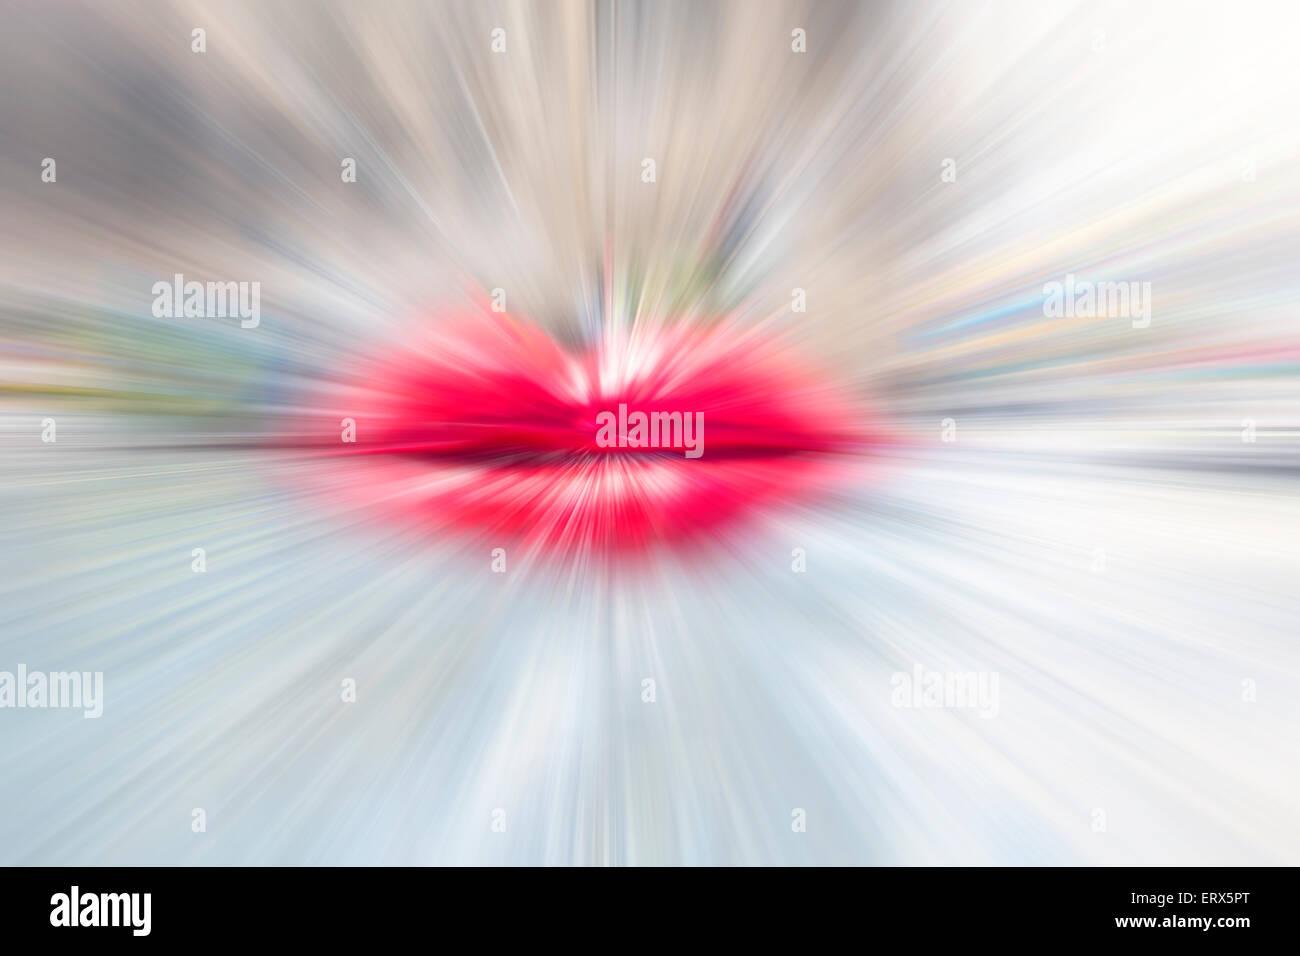 El movimiento de los labios borrosa, fondo abstracto. Foto de stock